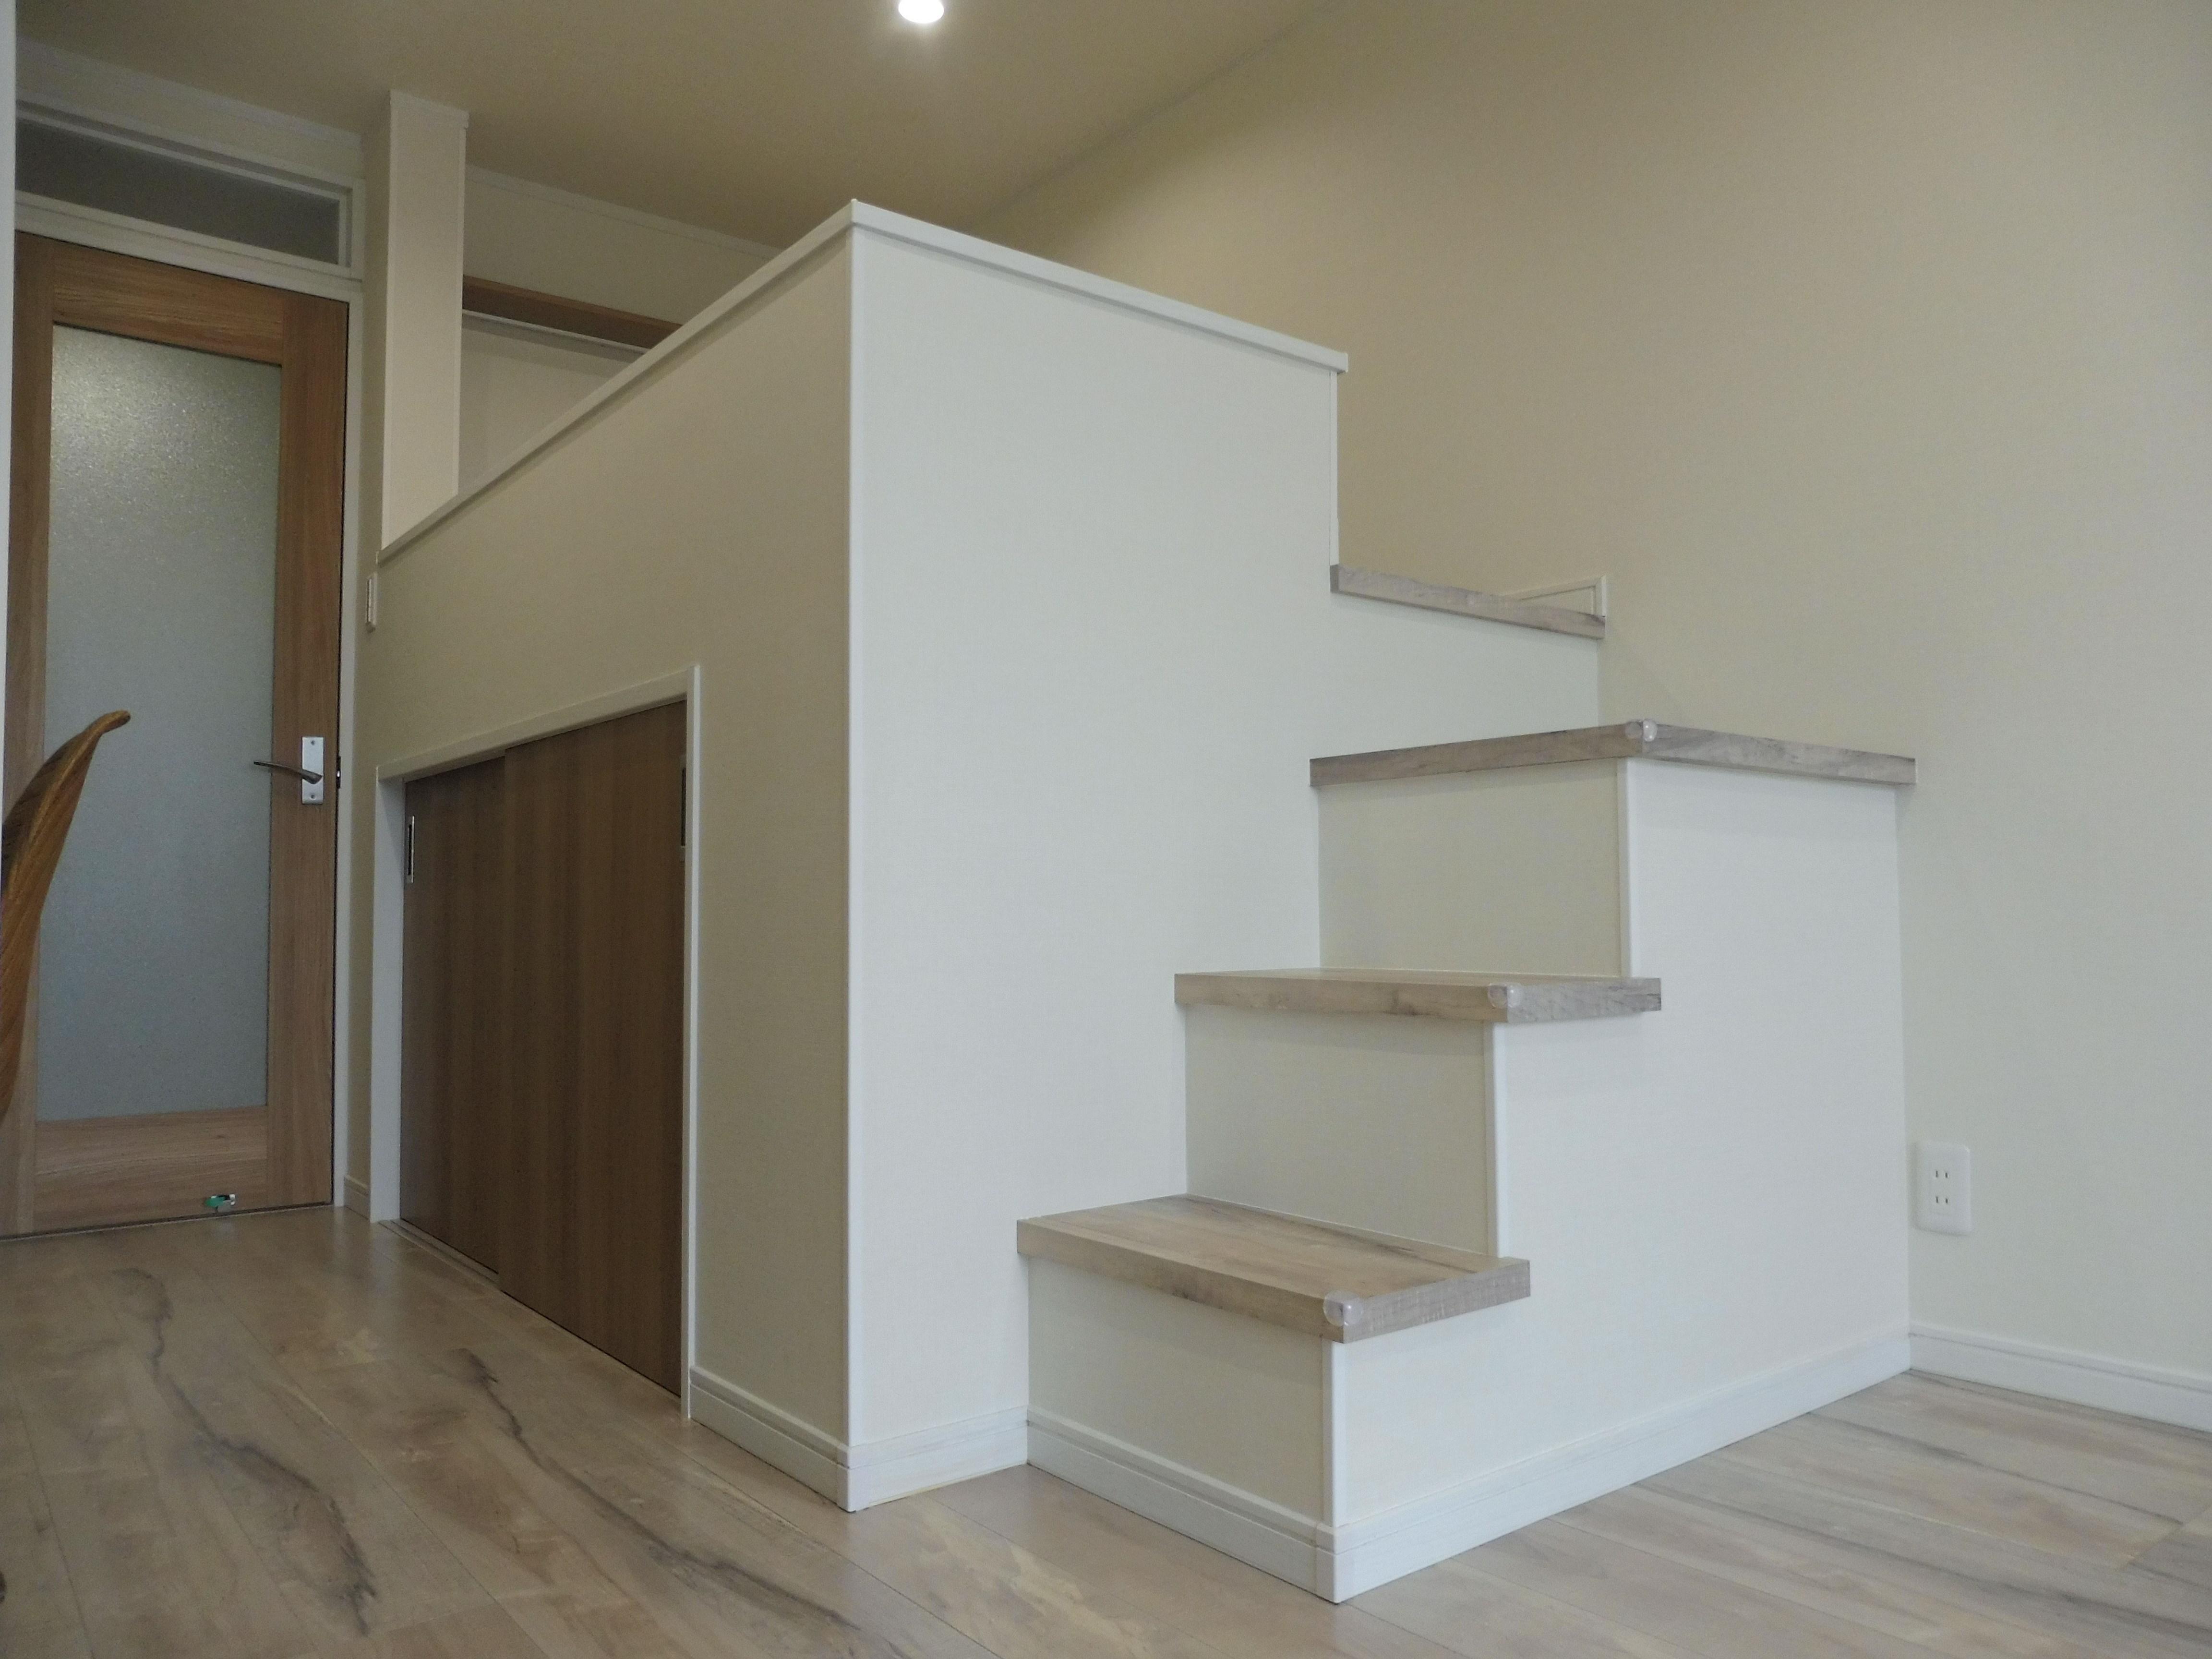 ロフトのはしごが苦手な方におすすめ。階段なので上り下りがラクですよ。下は収納スペースになっています。